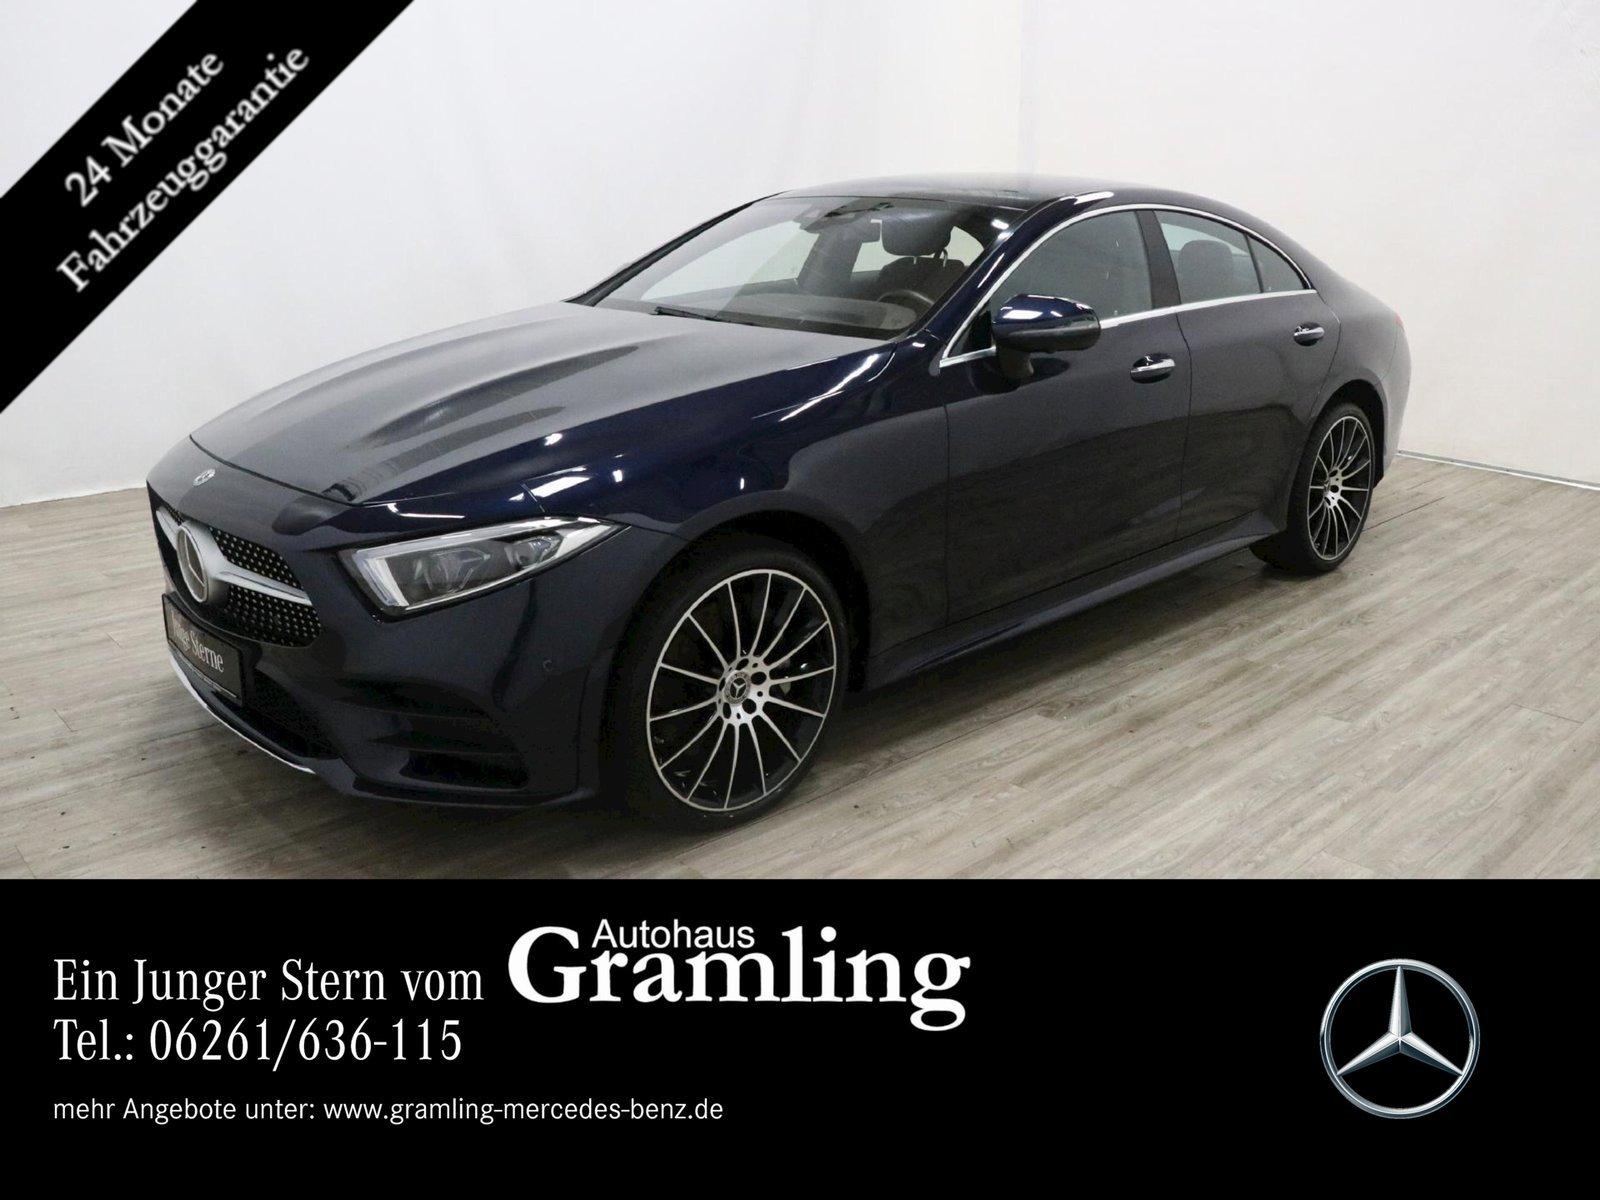 Mercedes-Benz CLS 400 d 4M AMG AHK*Distr*360°*Standh*Sitzklima, Jahr 2019, Diesel